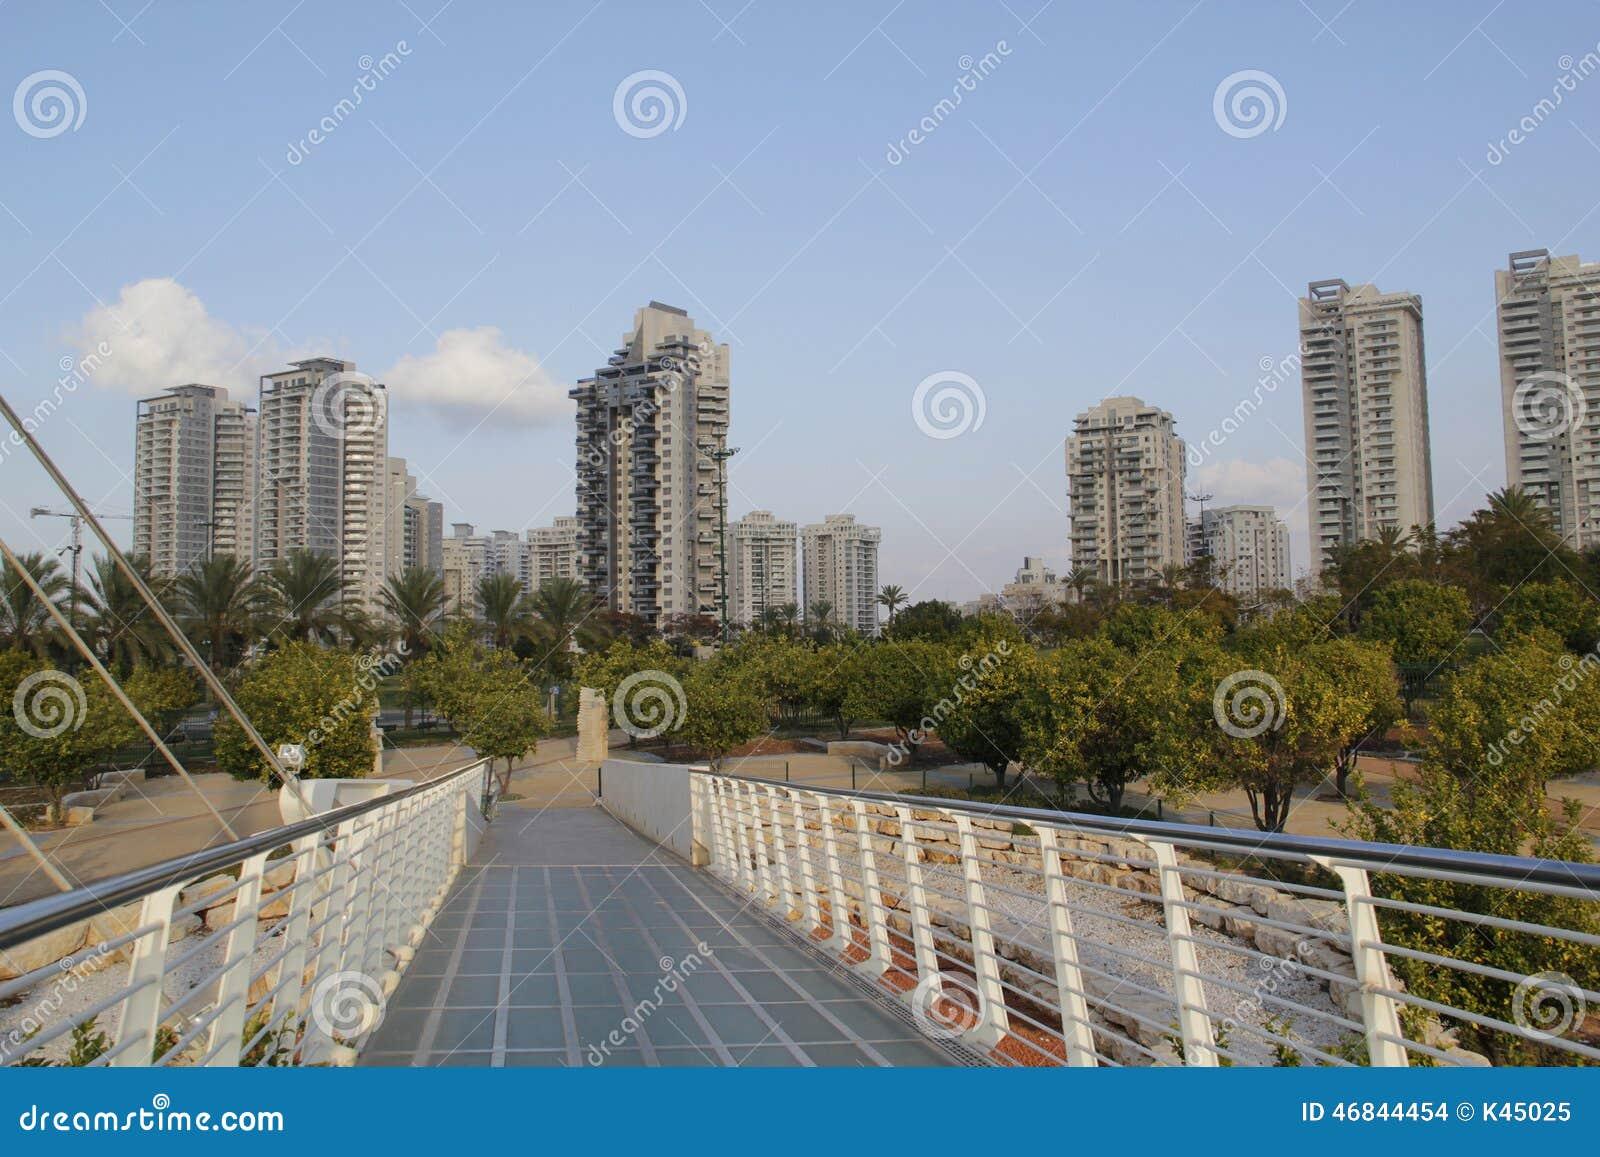 Construções residenciais do arranha-céus